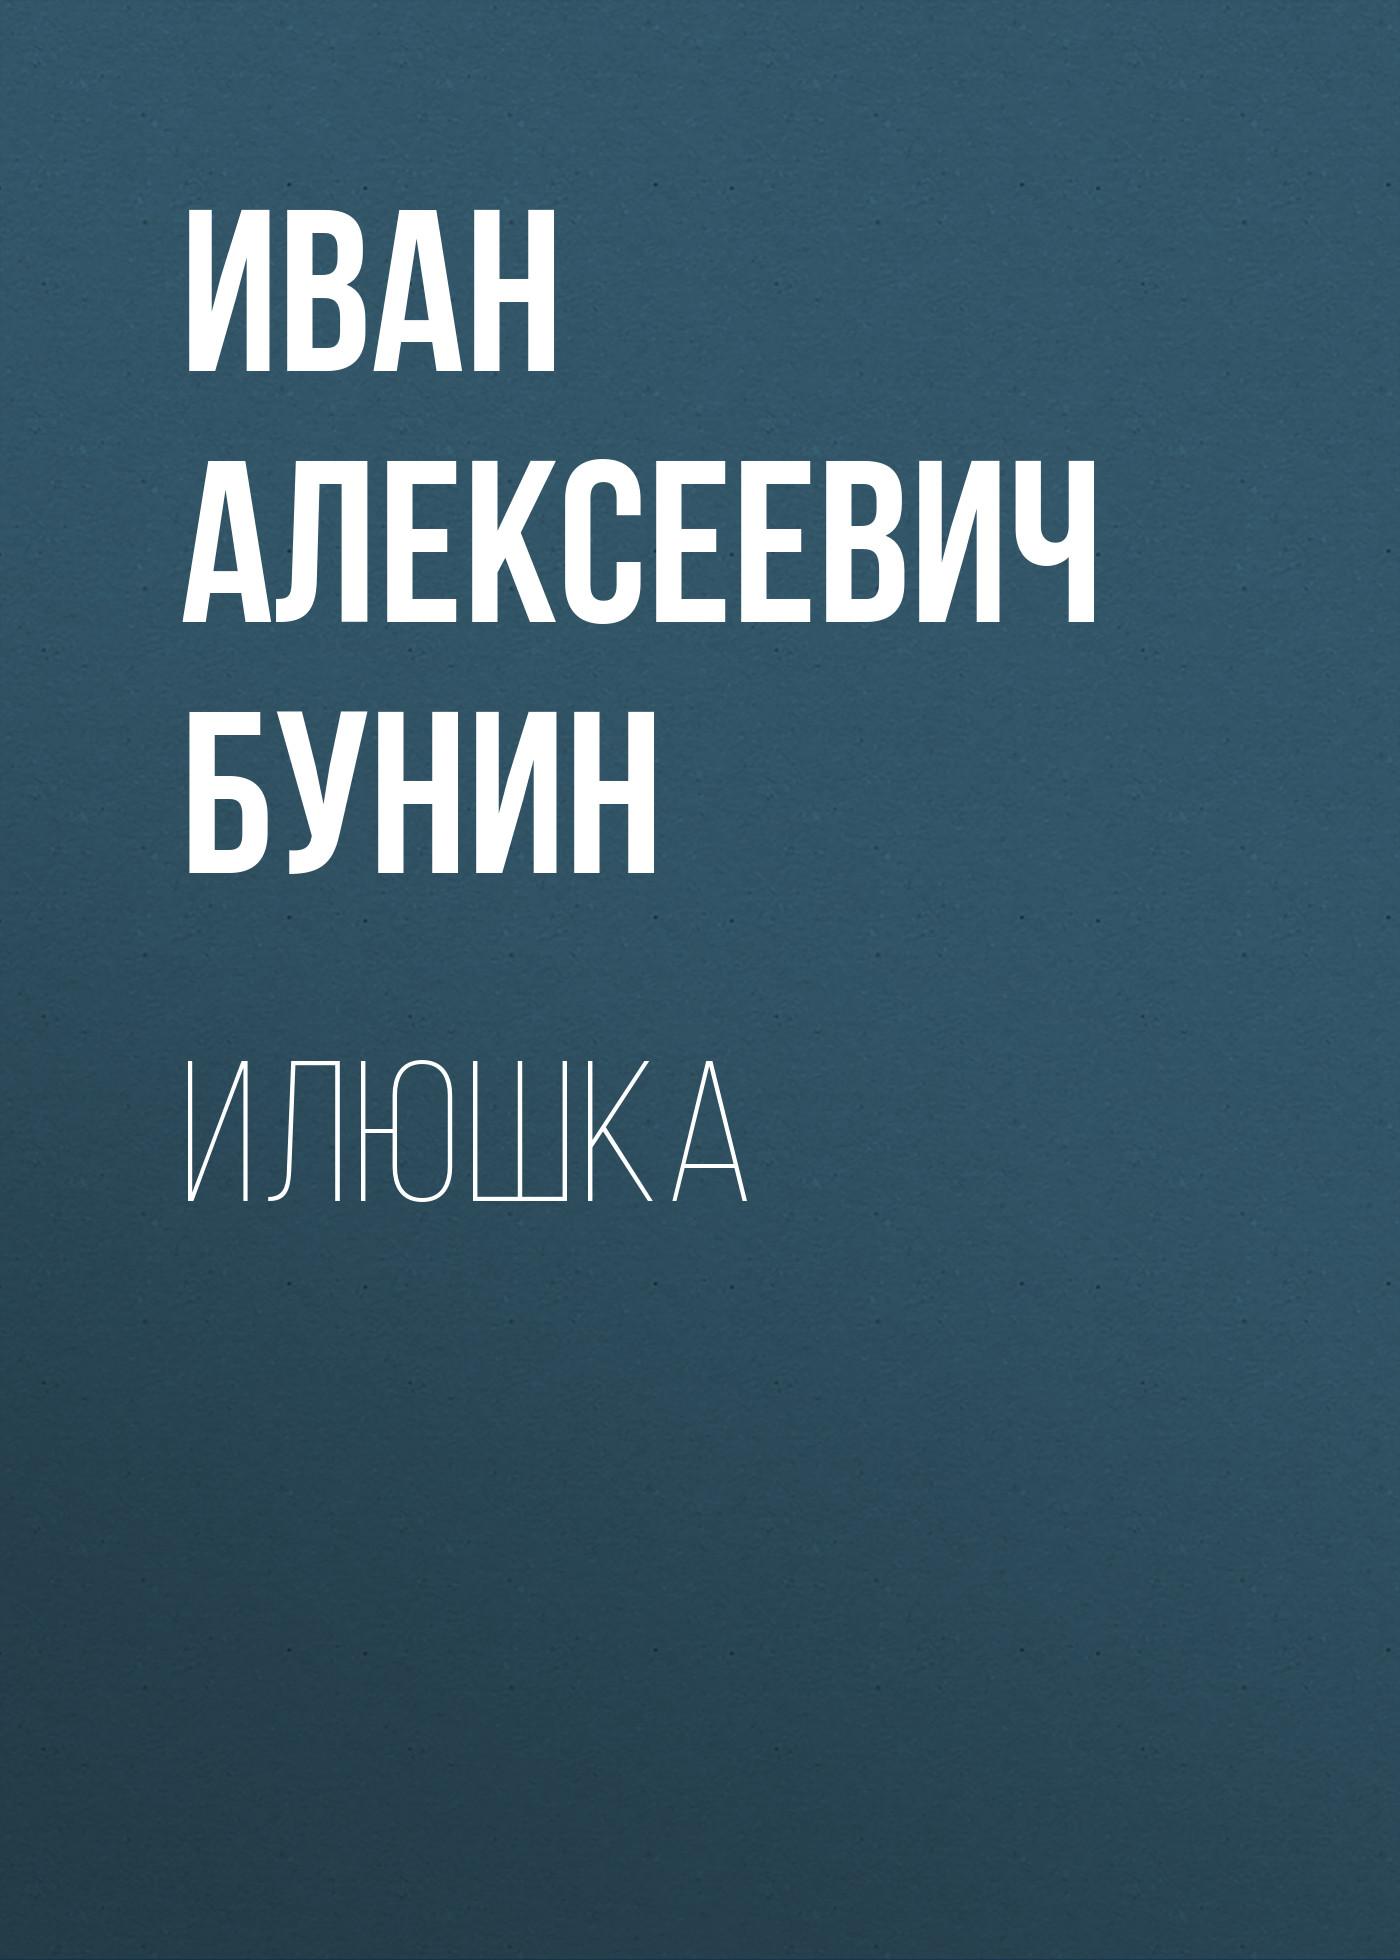 ilyushka